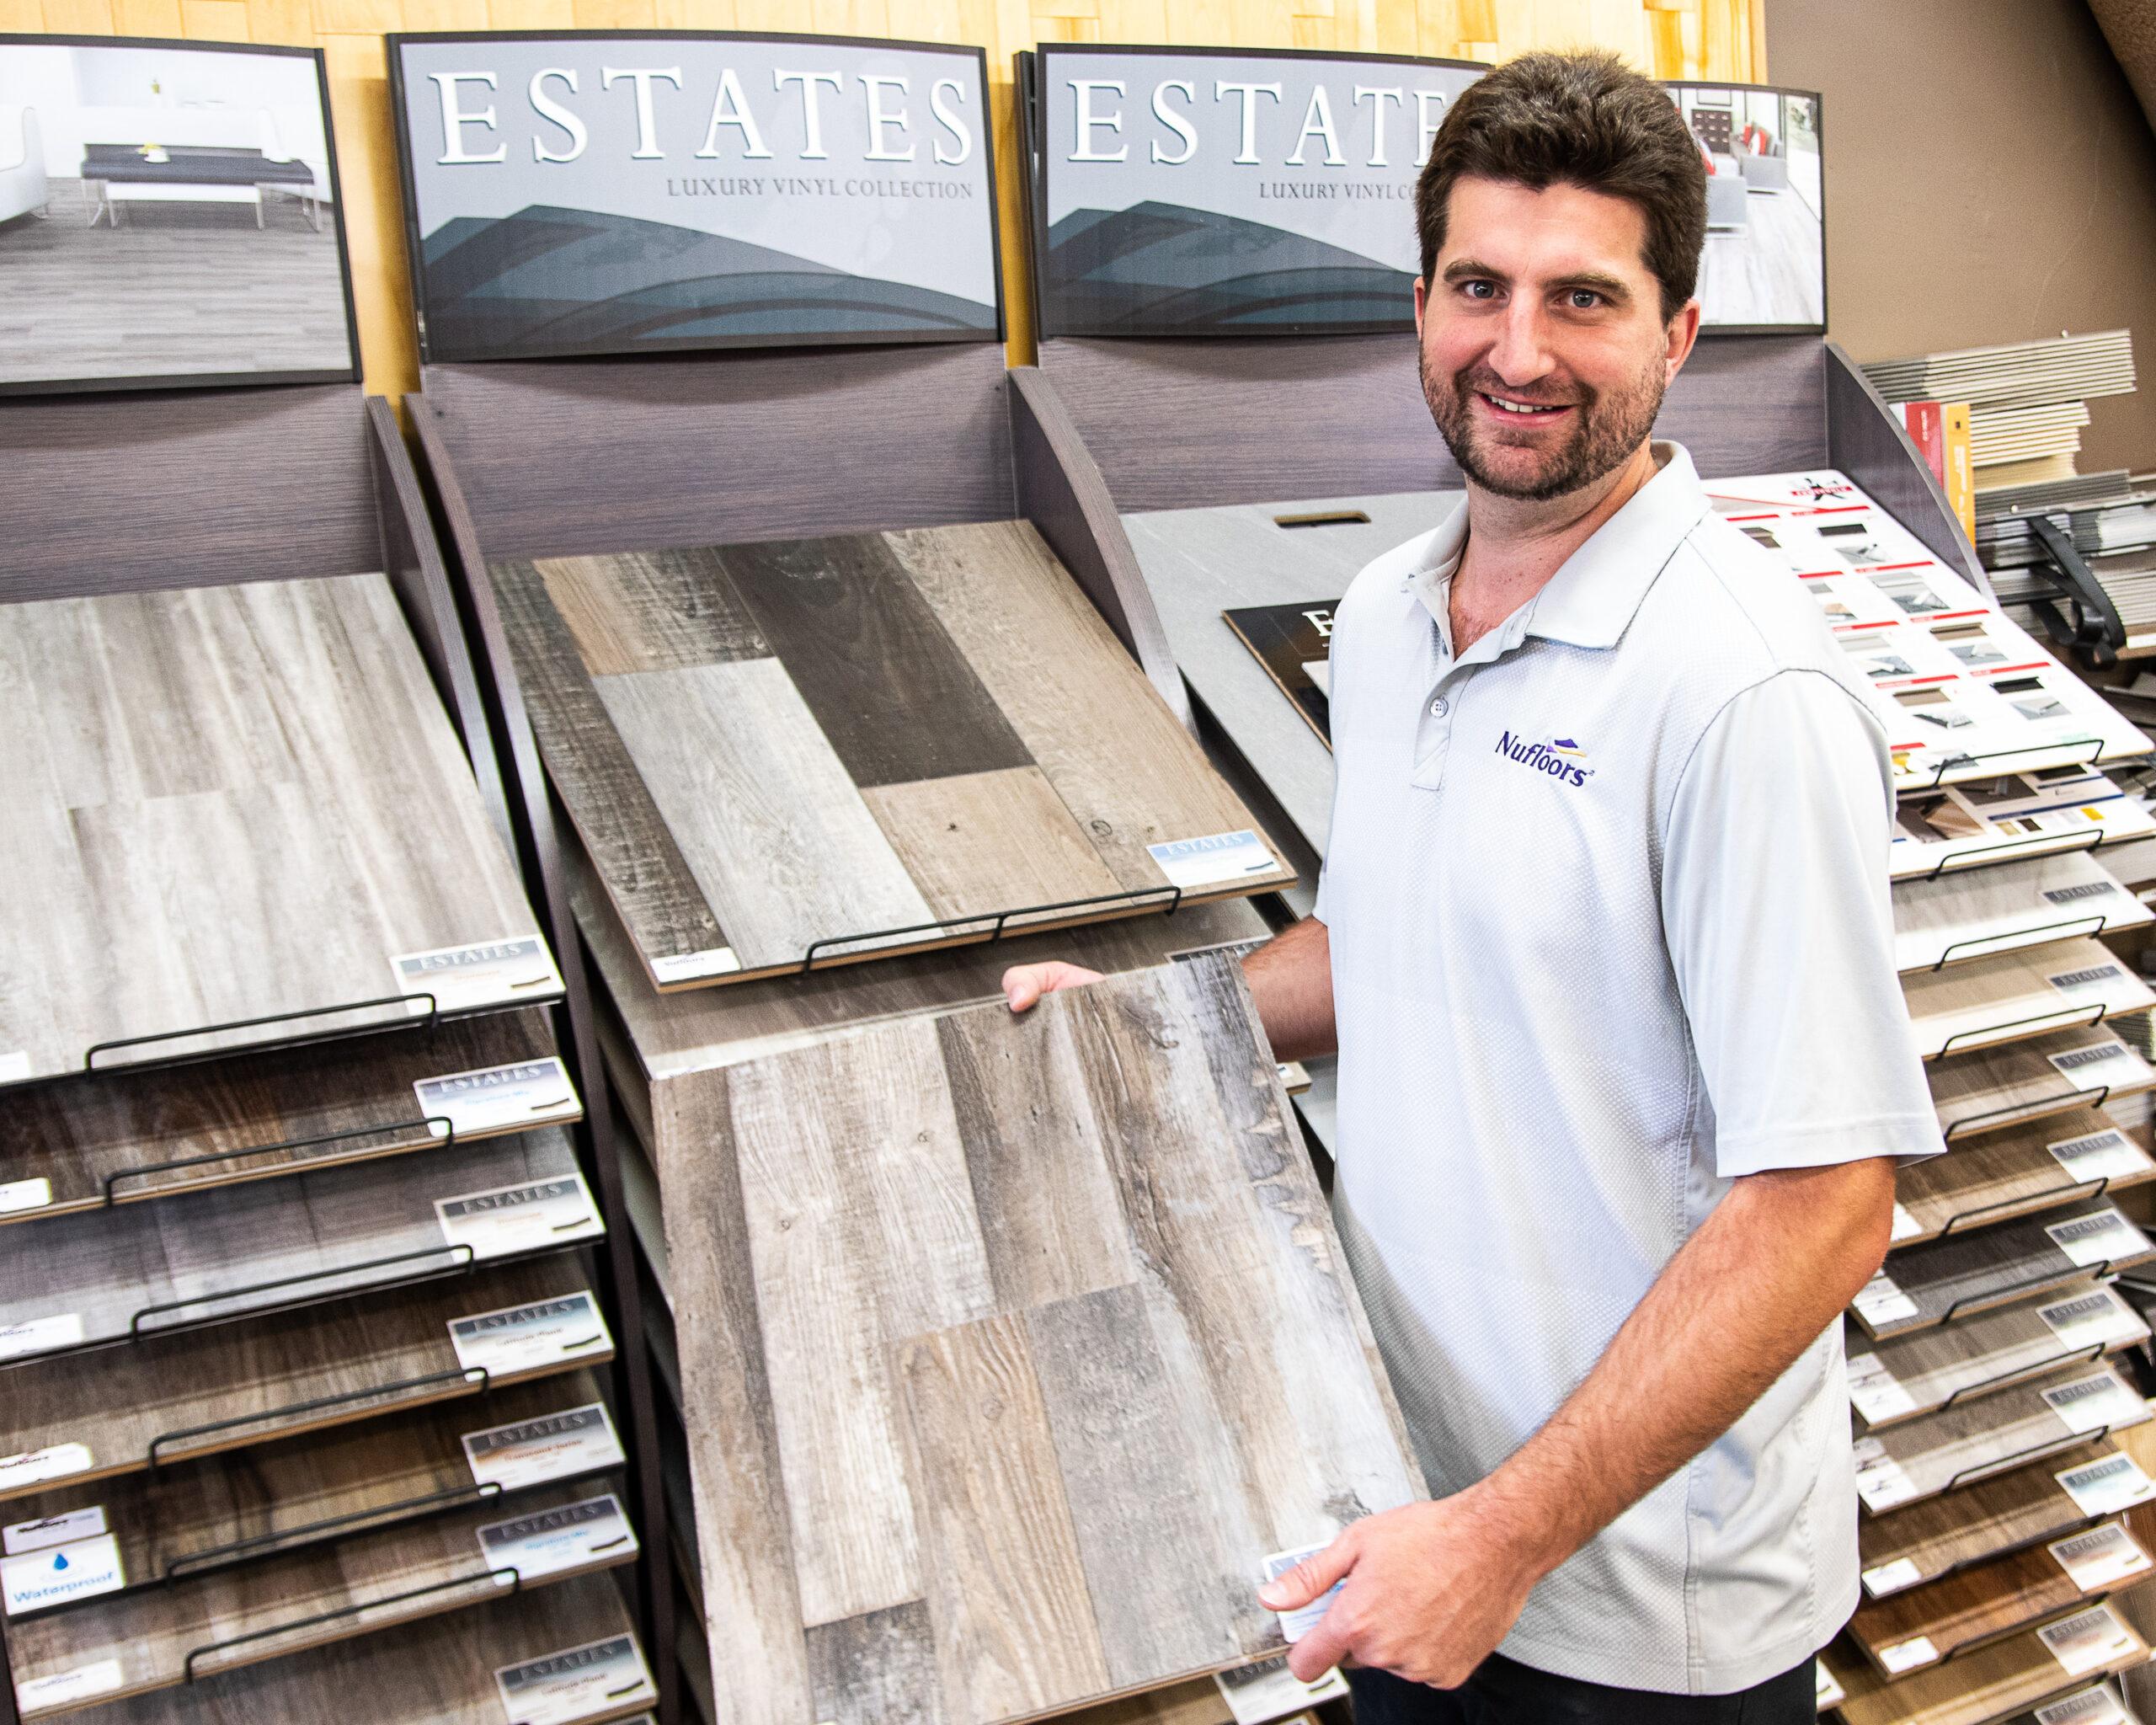 Nufloors Fernie Team Member Showing off Flooring Samples